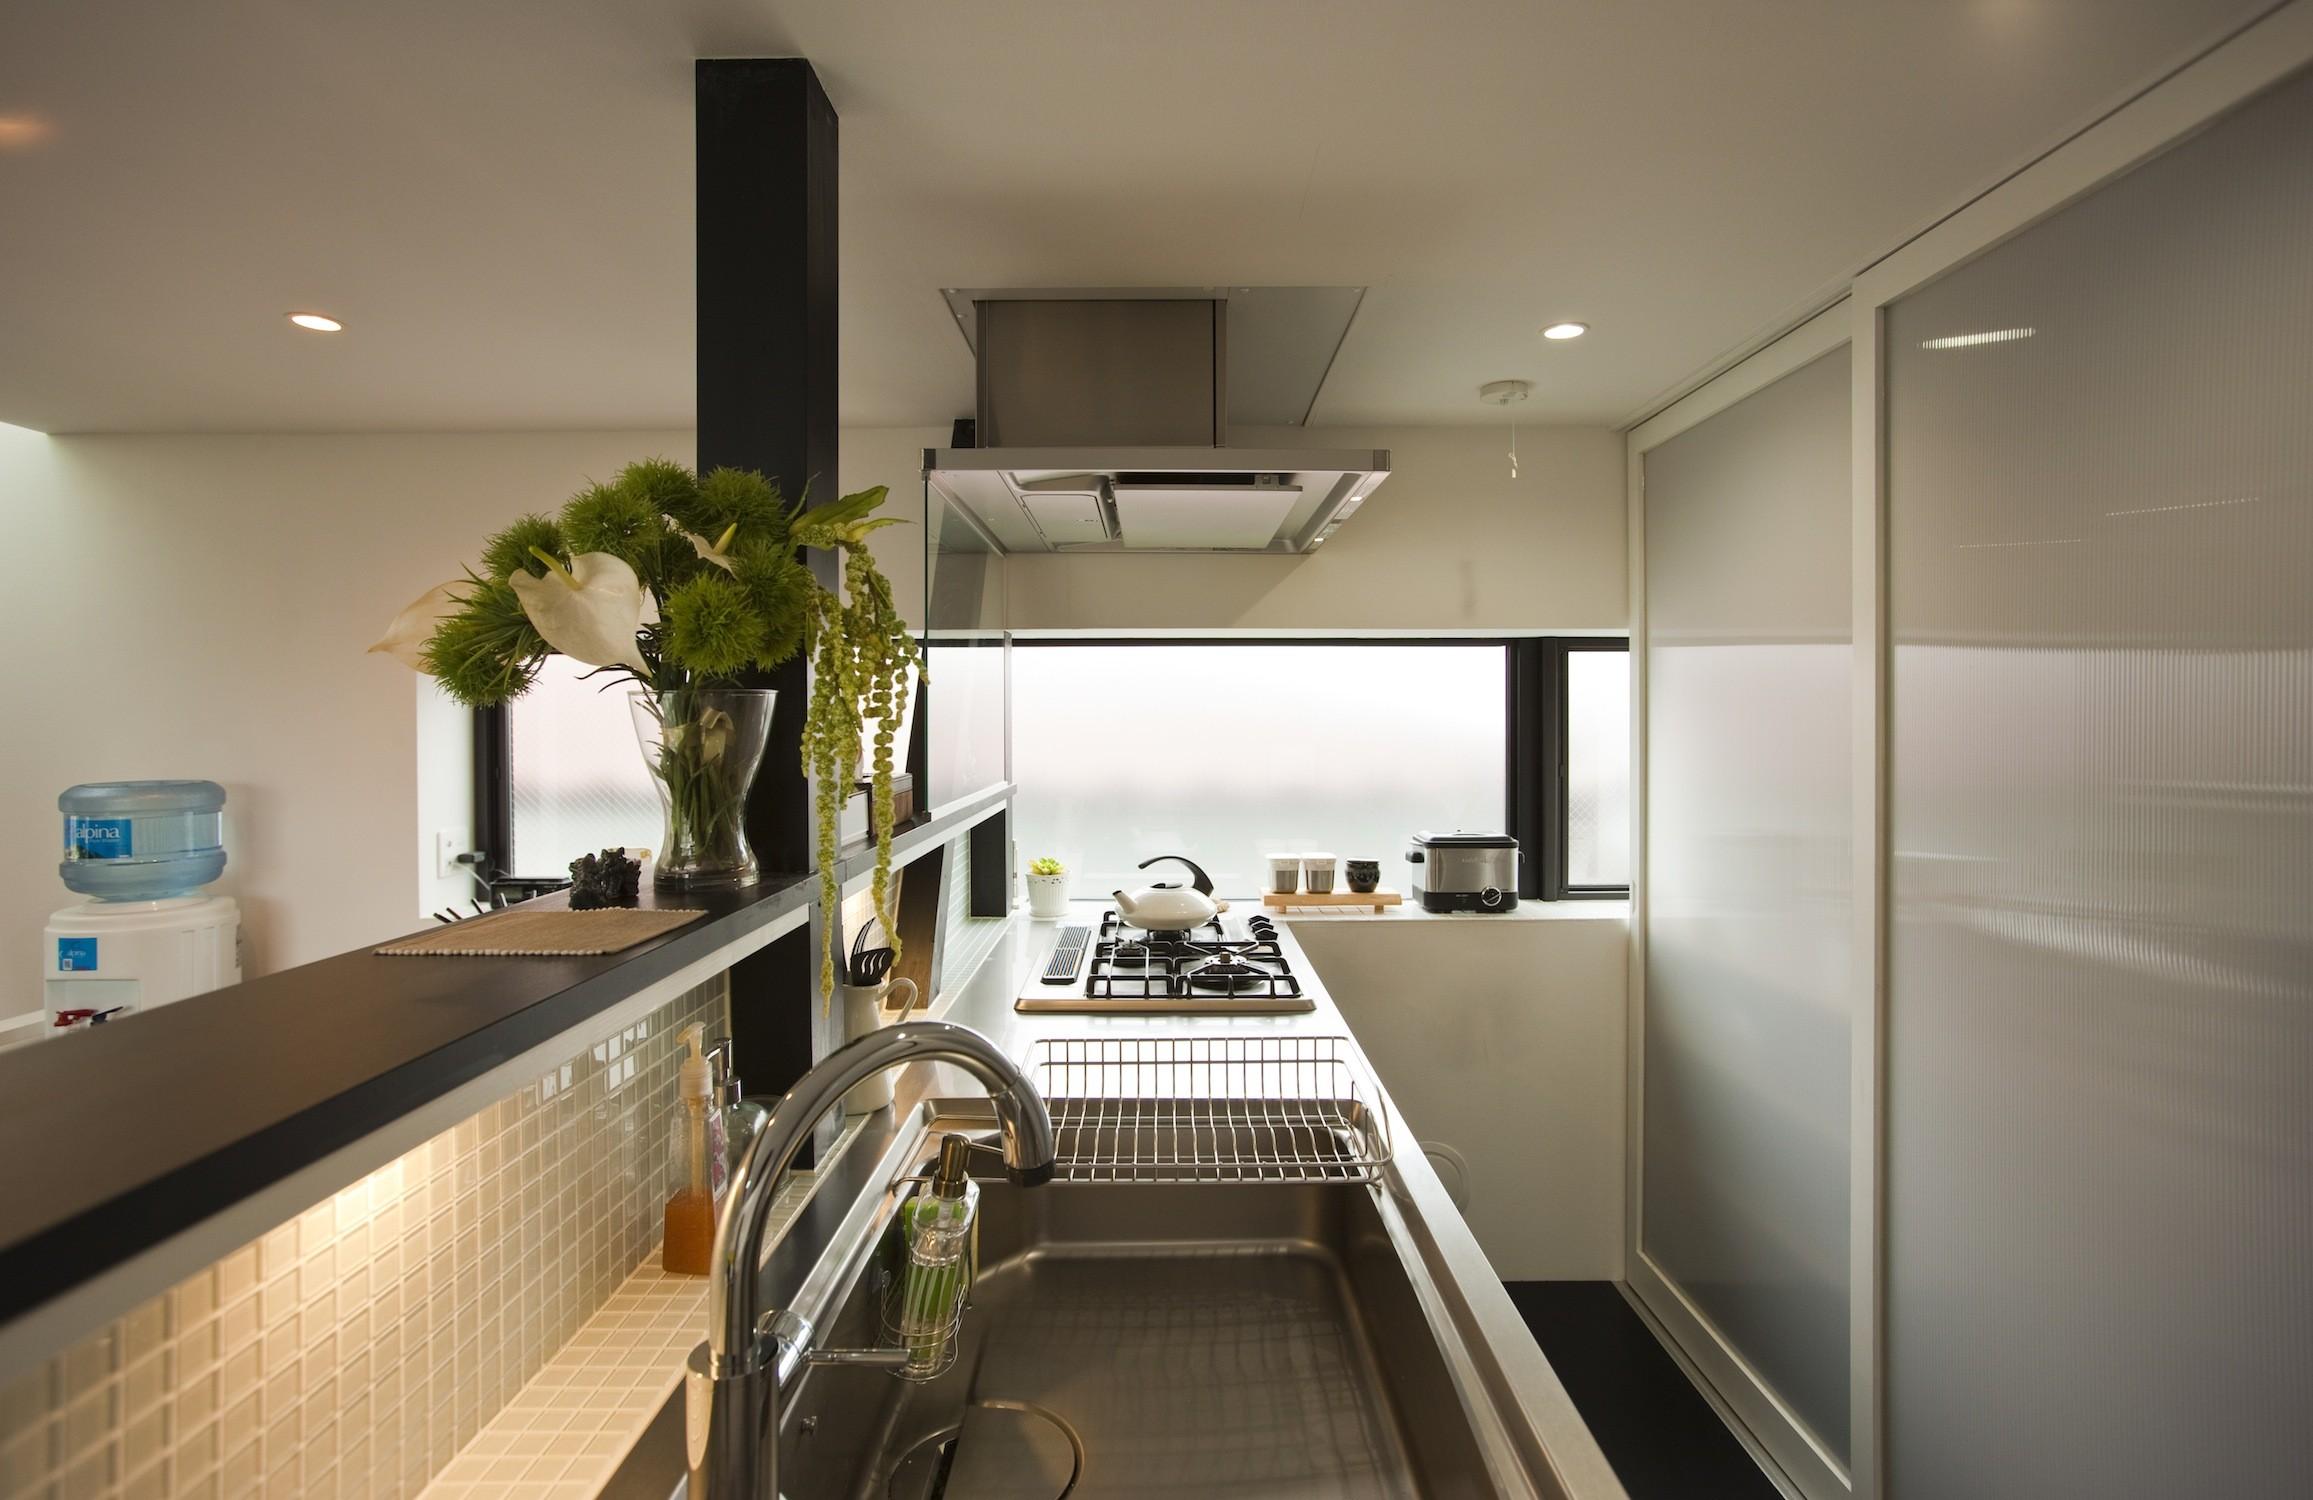 キッチン事例:対面式キッチンと背面パントリー(大収納狭小住宅 ハコノオウチ07)